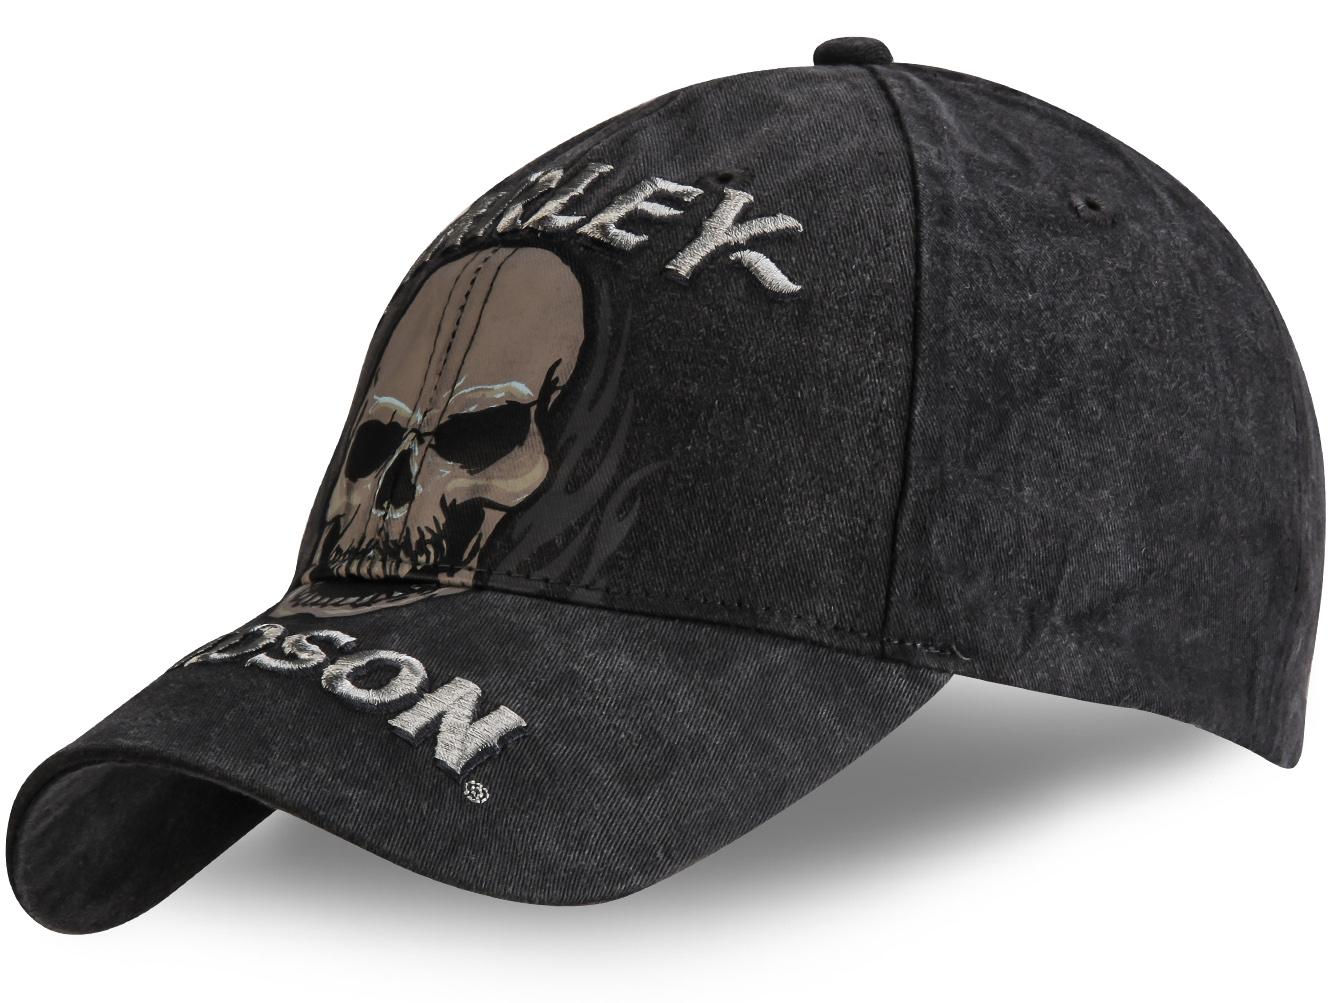 Кепка с черепом - купить в интернет-магазине с доставкой